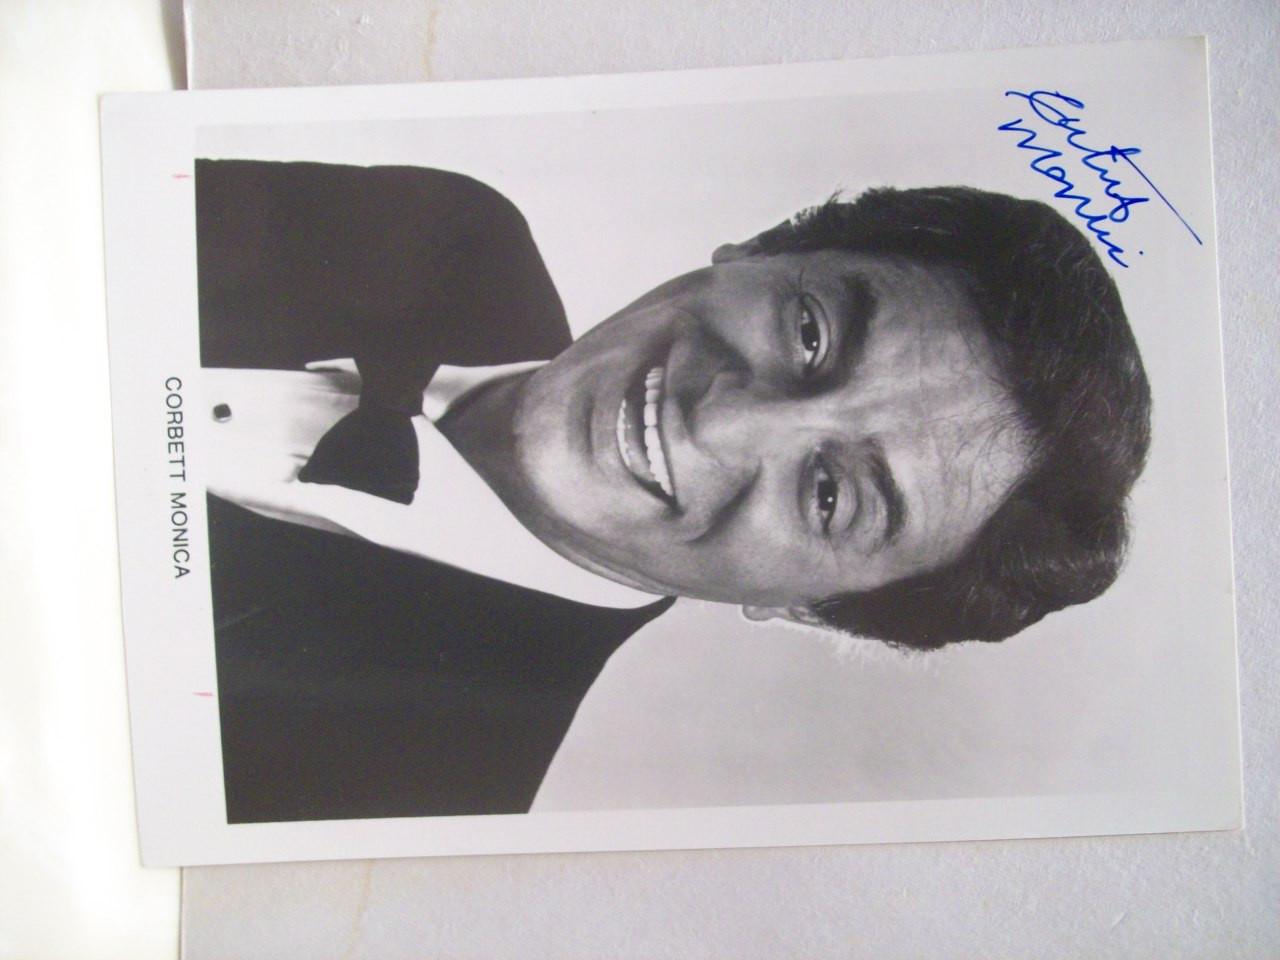 Monica, Corbett Photo Signed Autograph Black And White